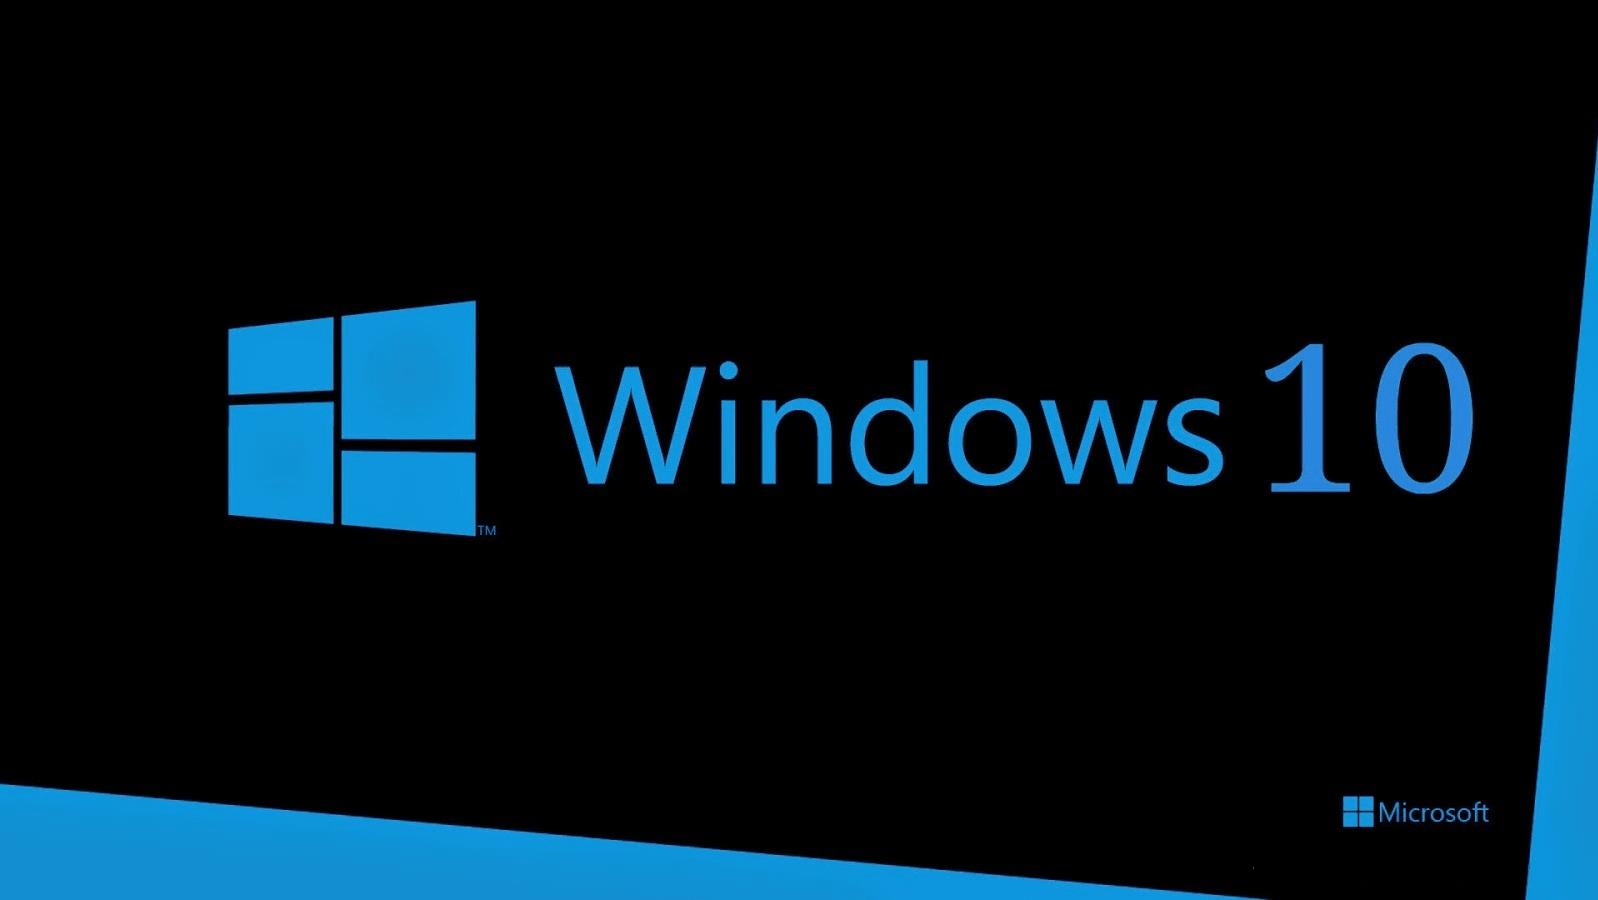 Come migliorare la sicurezza in Windows 10? 2